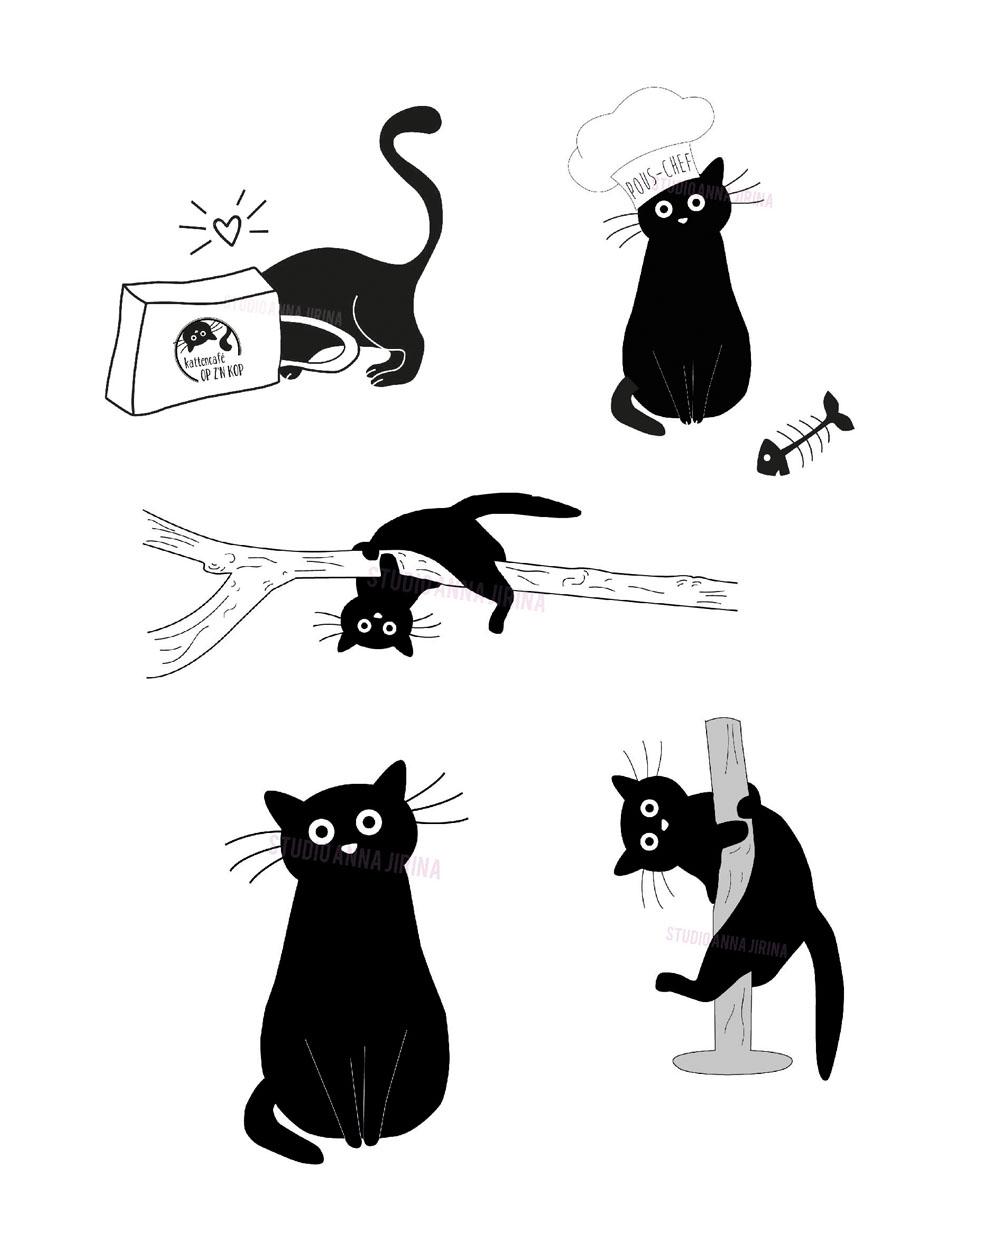 kattencafe op z'n kop